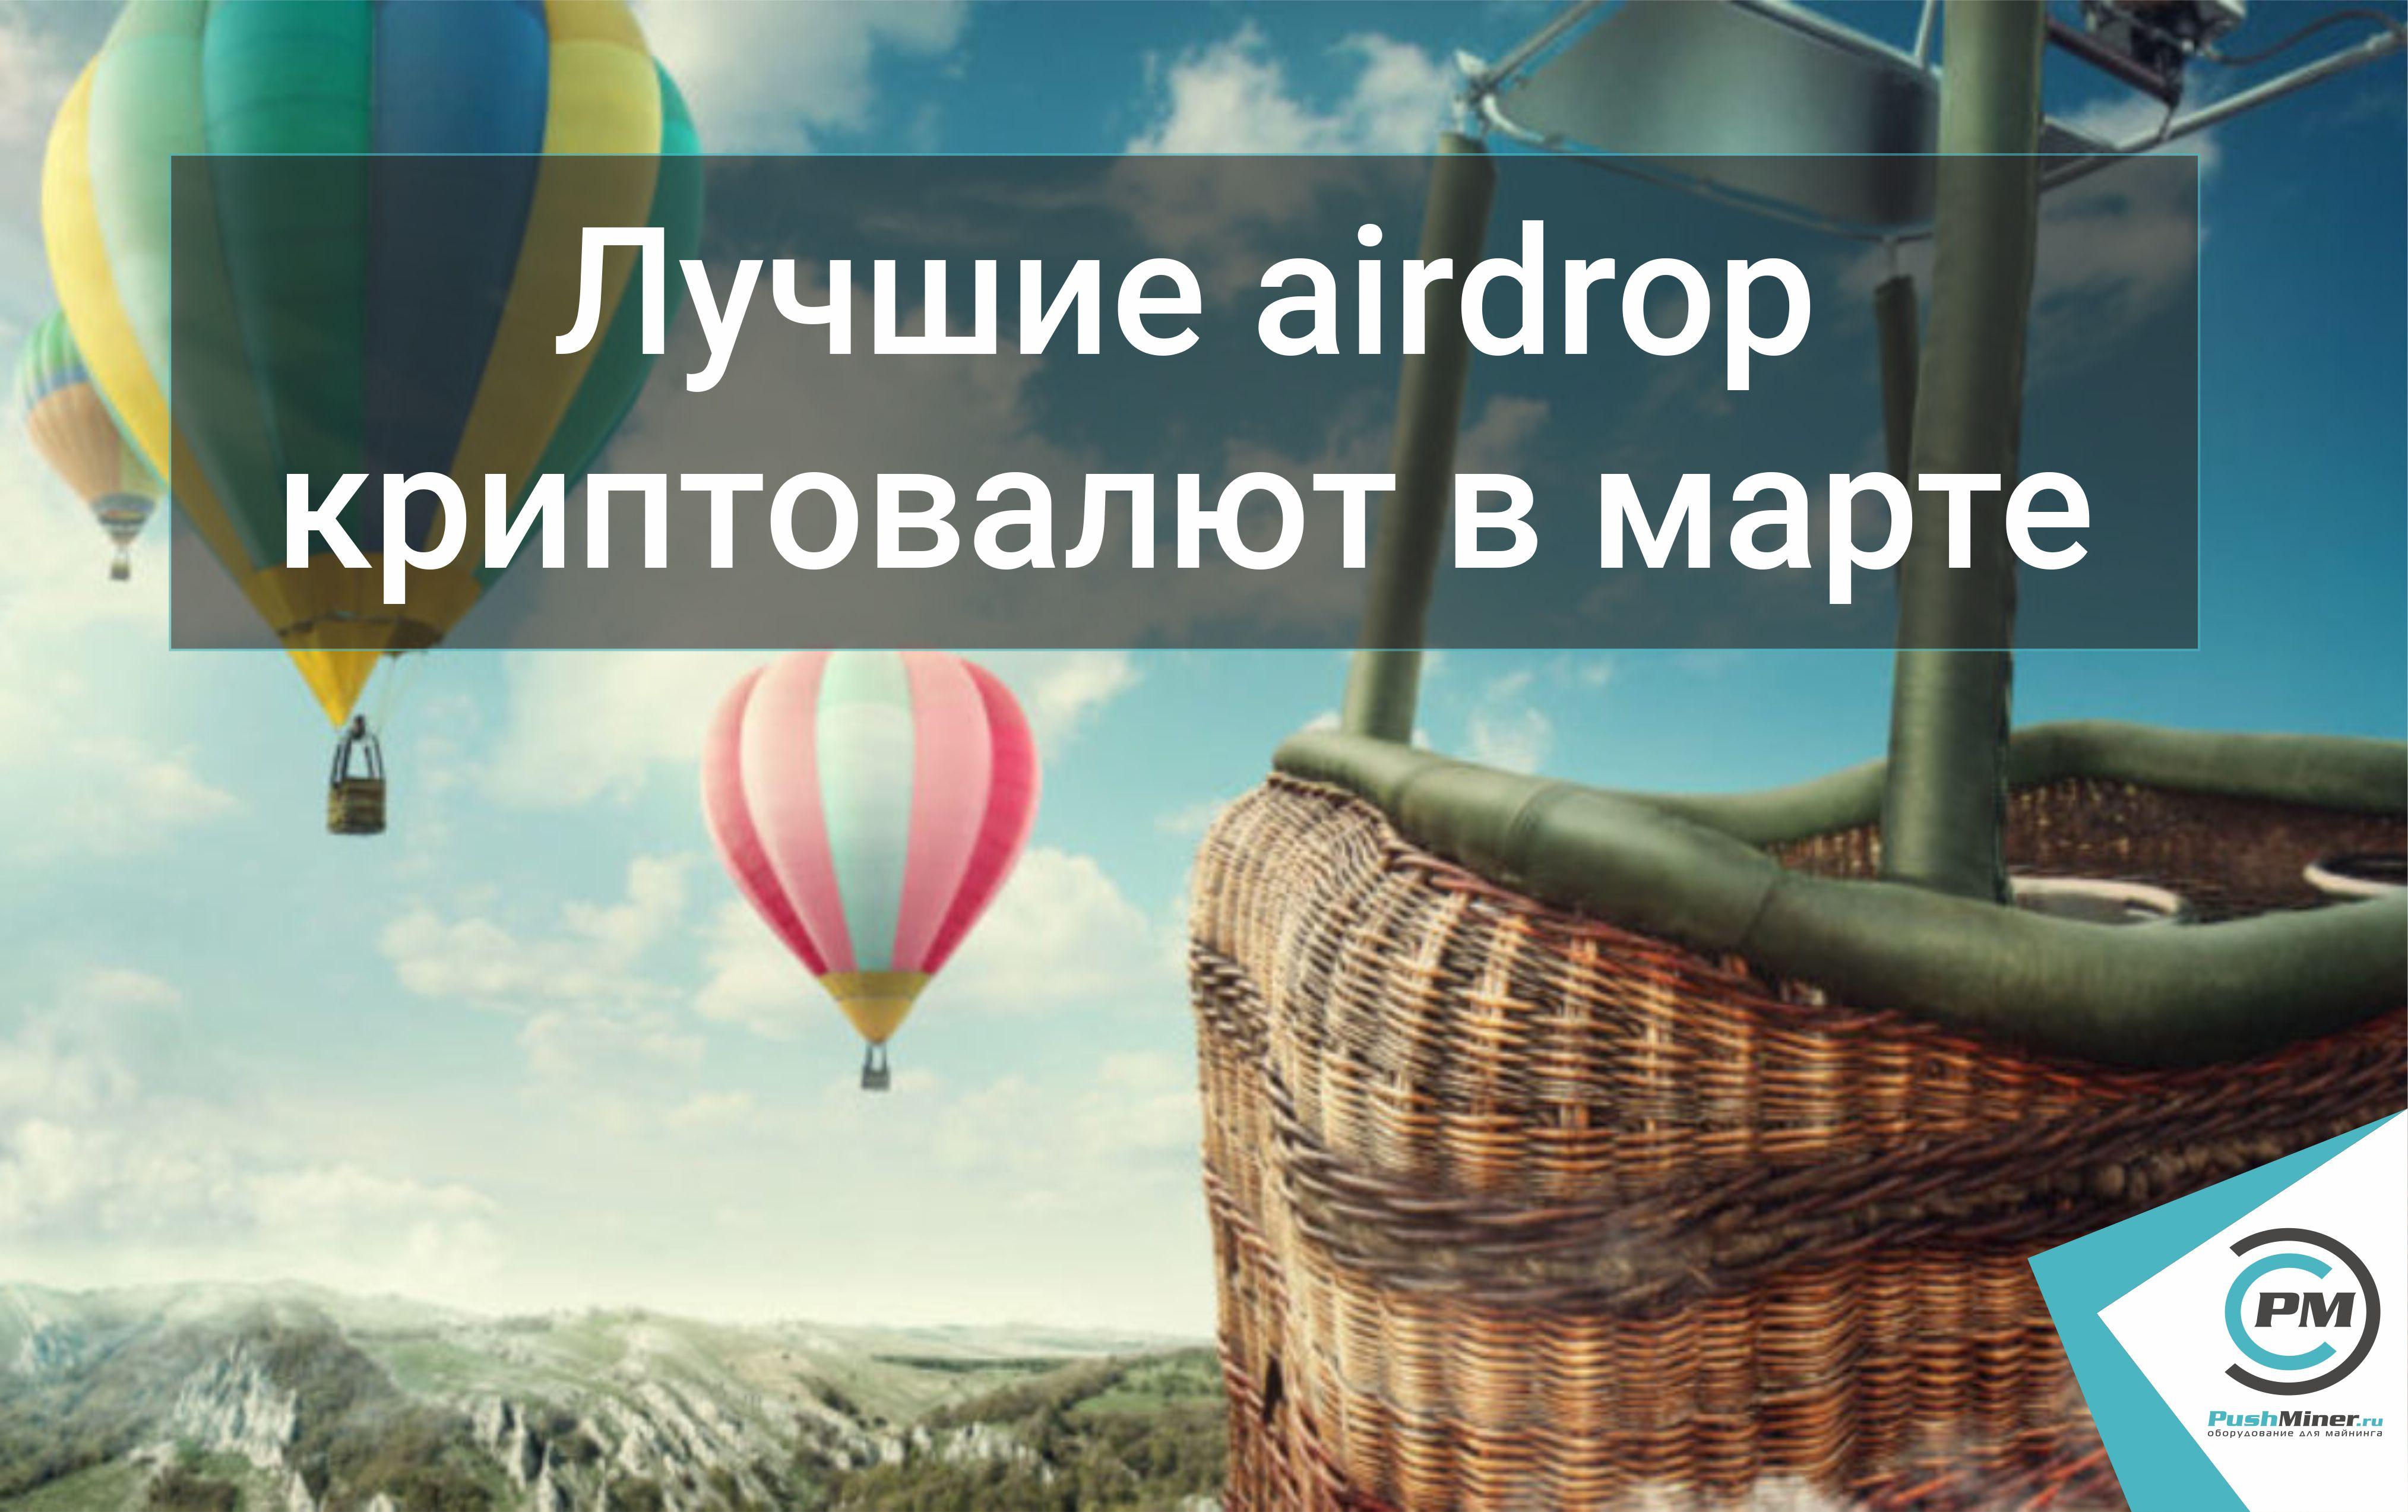 Лучшие airdrop криптовалют марта